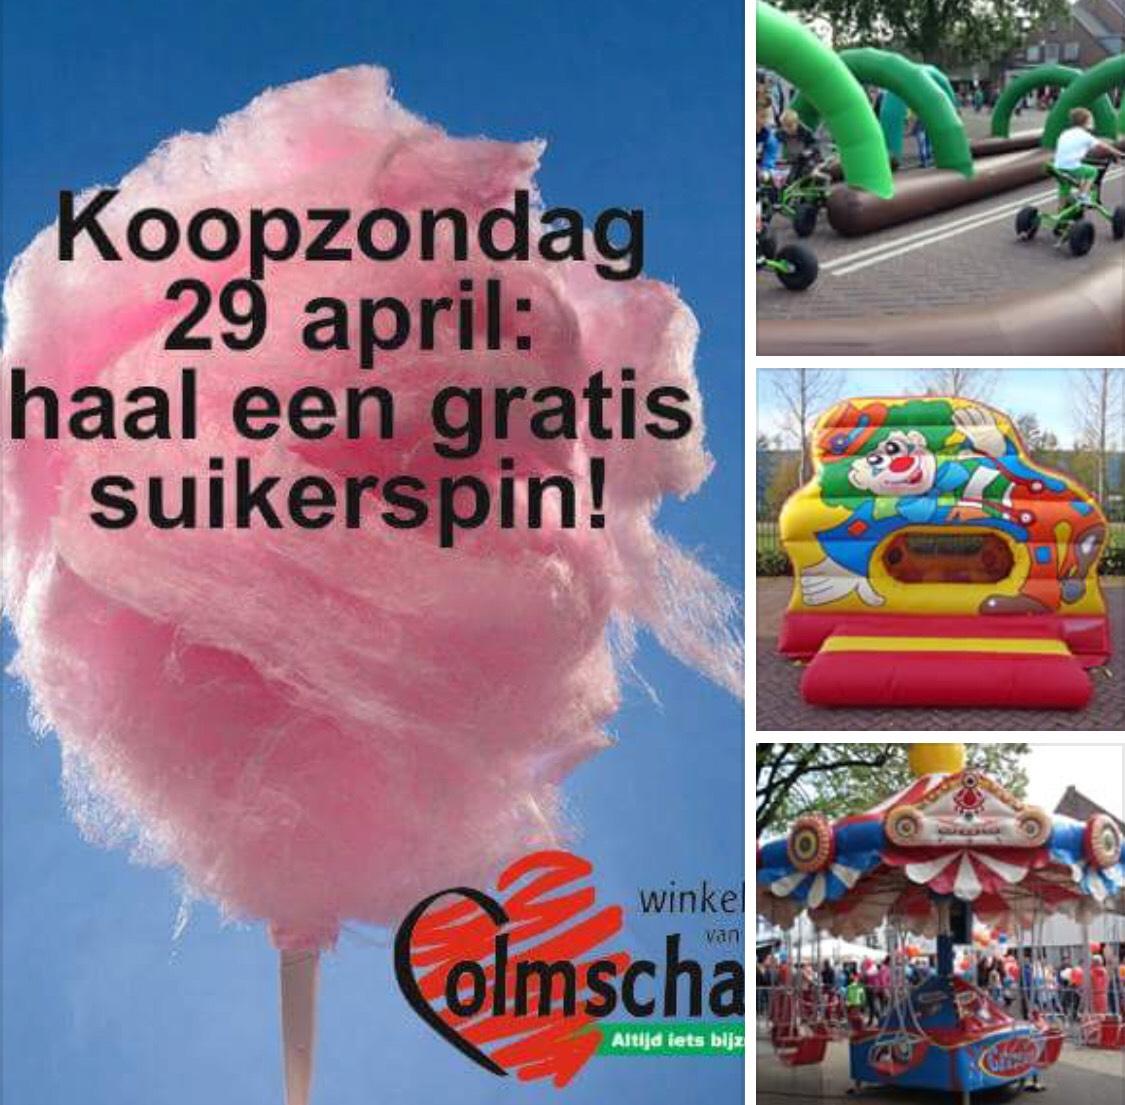 GRATIS suikerspin + toegang tot attracties voor kinderen @Colmschate Winkelhart Deventer